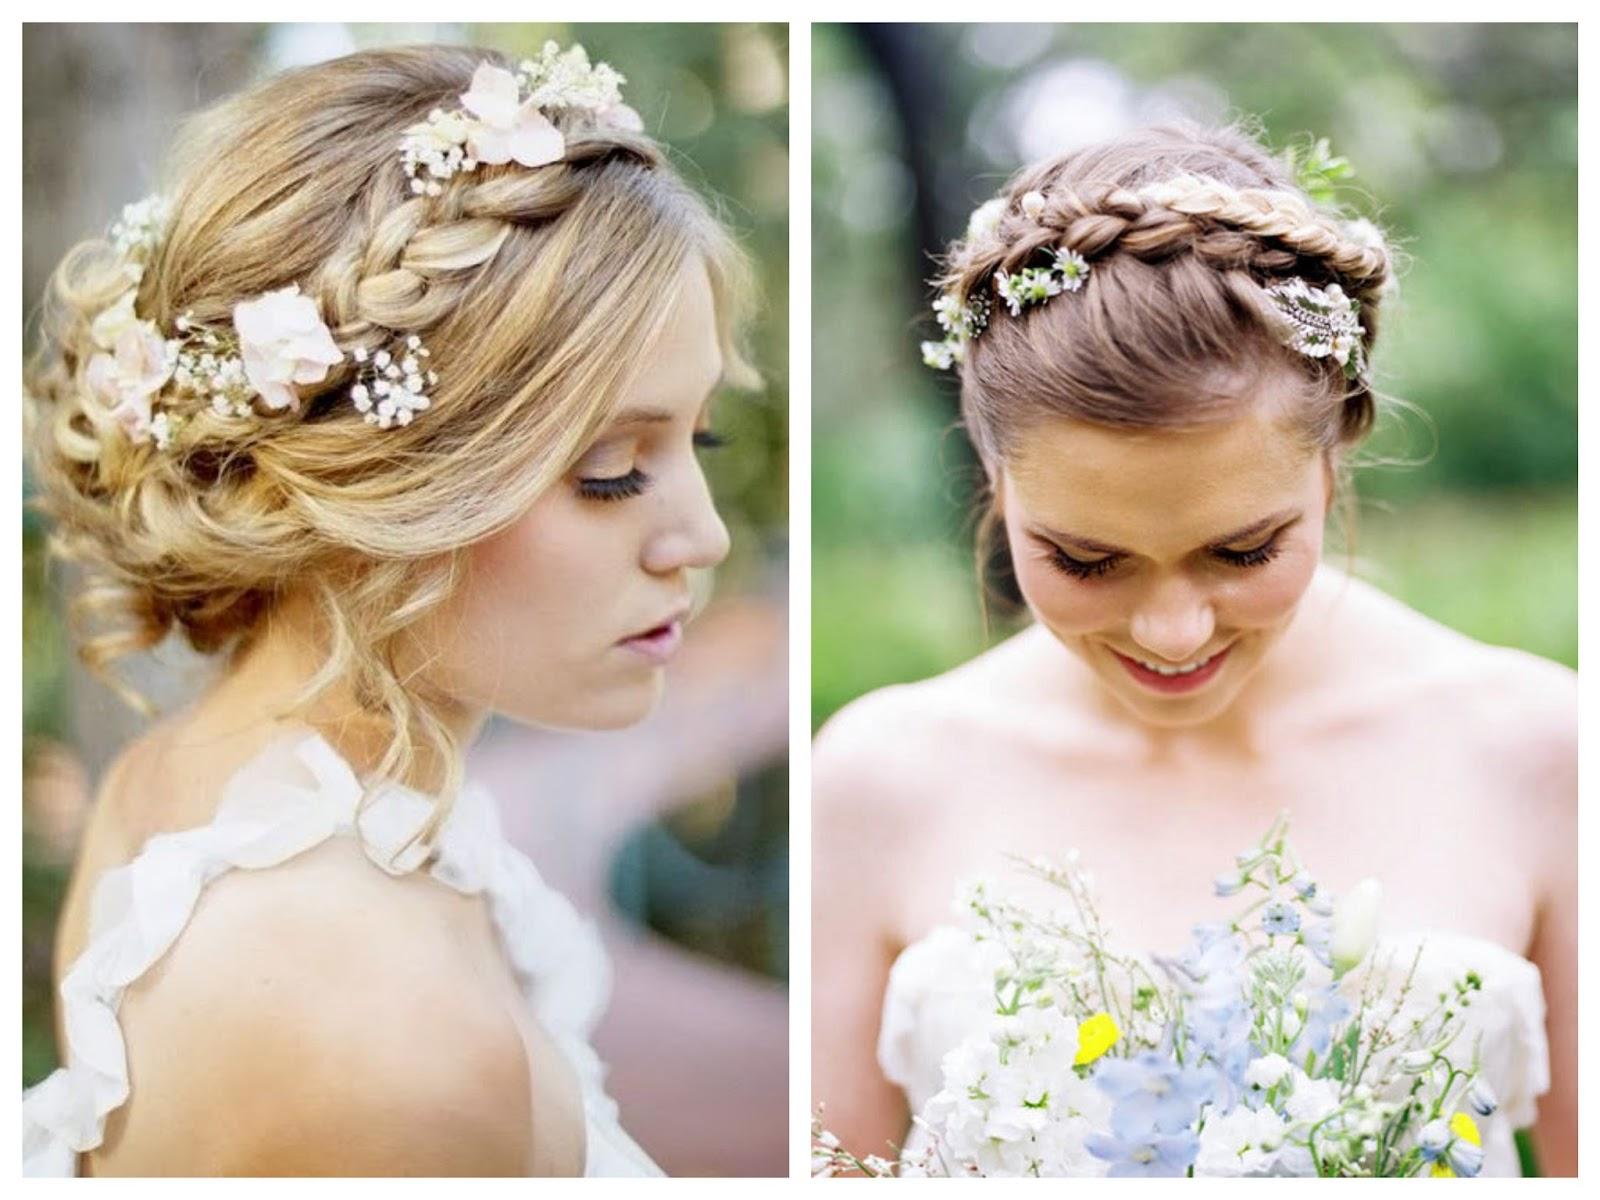 Acogedor peinados elegantes para boda Fotos de tendencias de color de pelo - Trenzas para novias e invitadas | Sweet Bodas